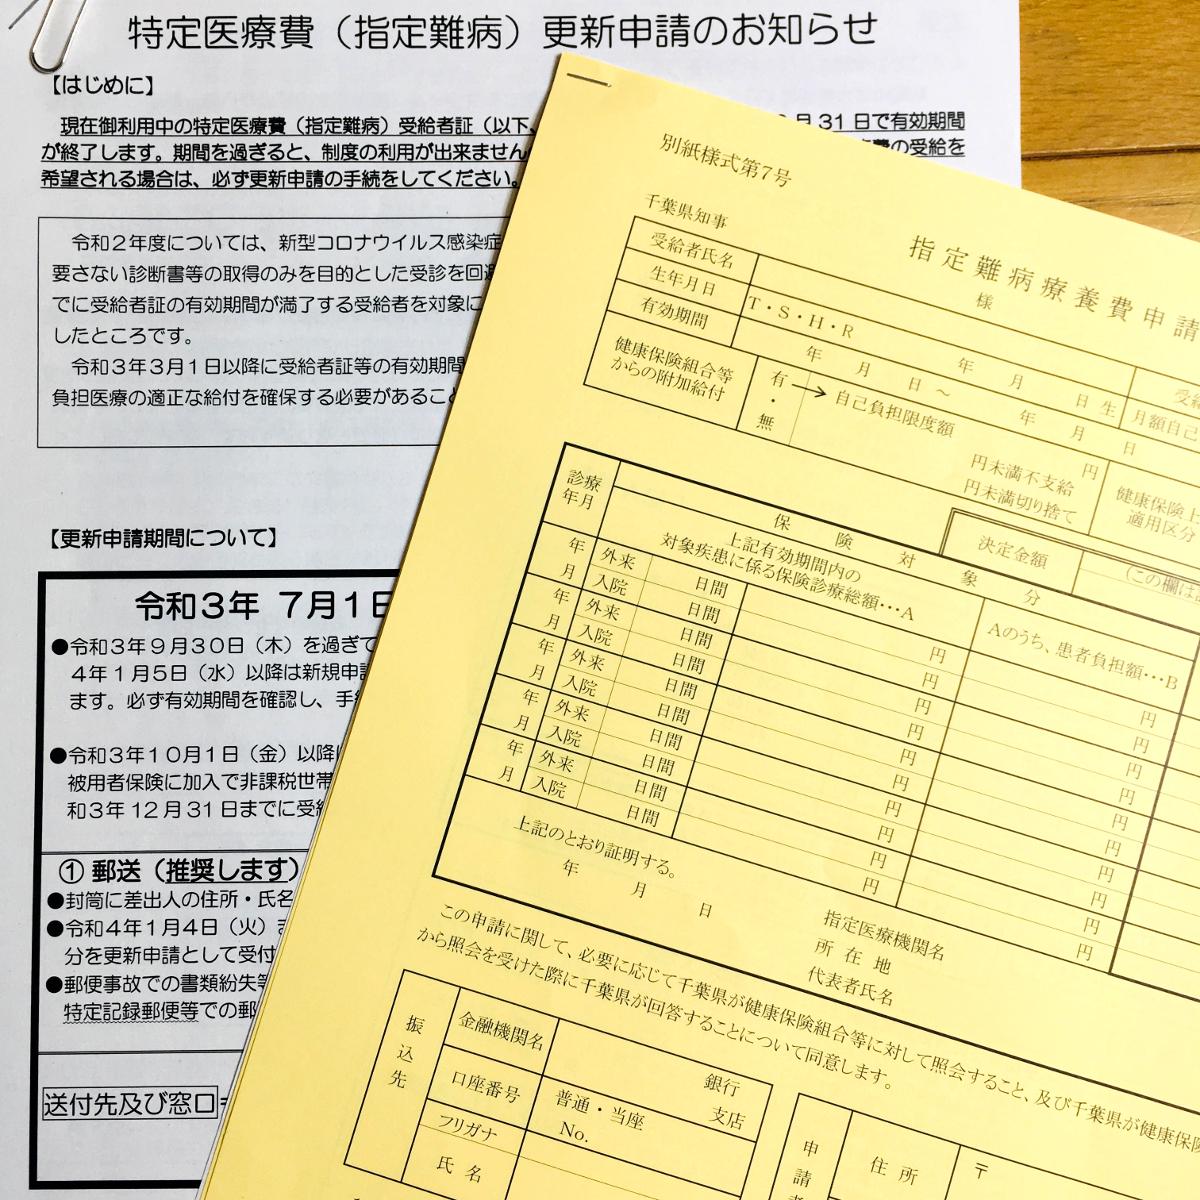 申請日までさかのぼって医療費助成を受けるための申請書と更新申請書に関する書類